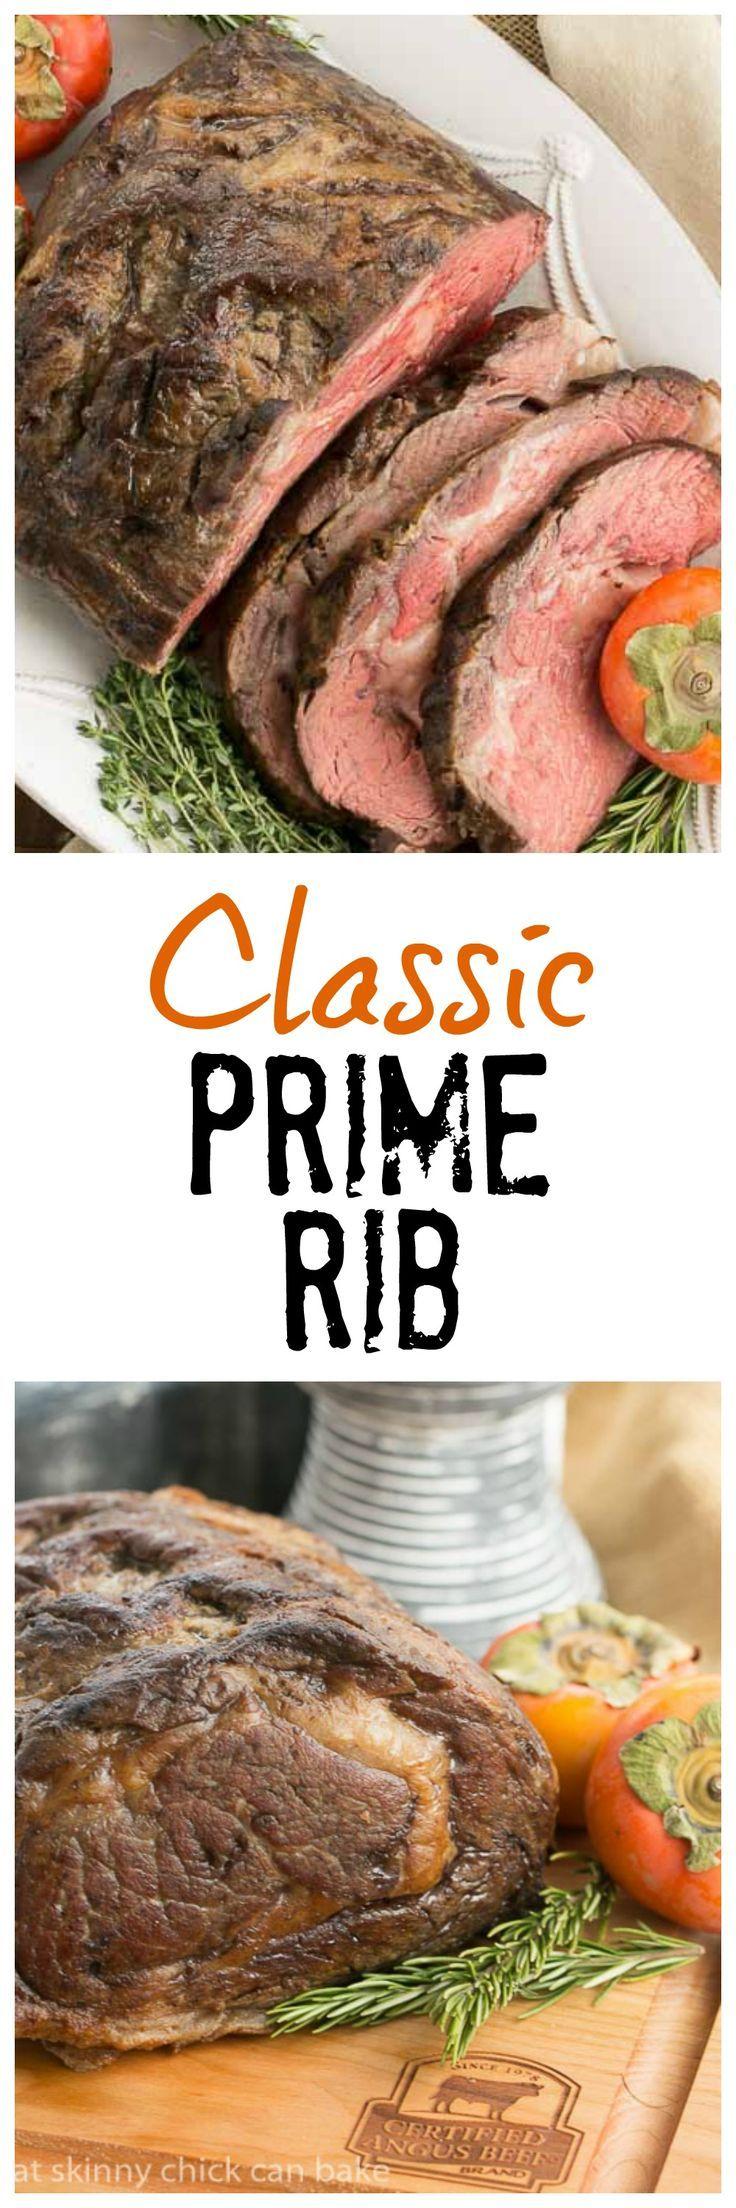 Classic Prime Rib | Perfect roasting technique for rare prime rib @lizzydo